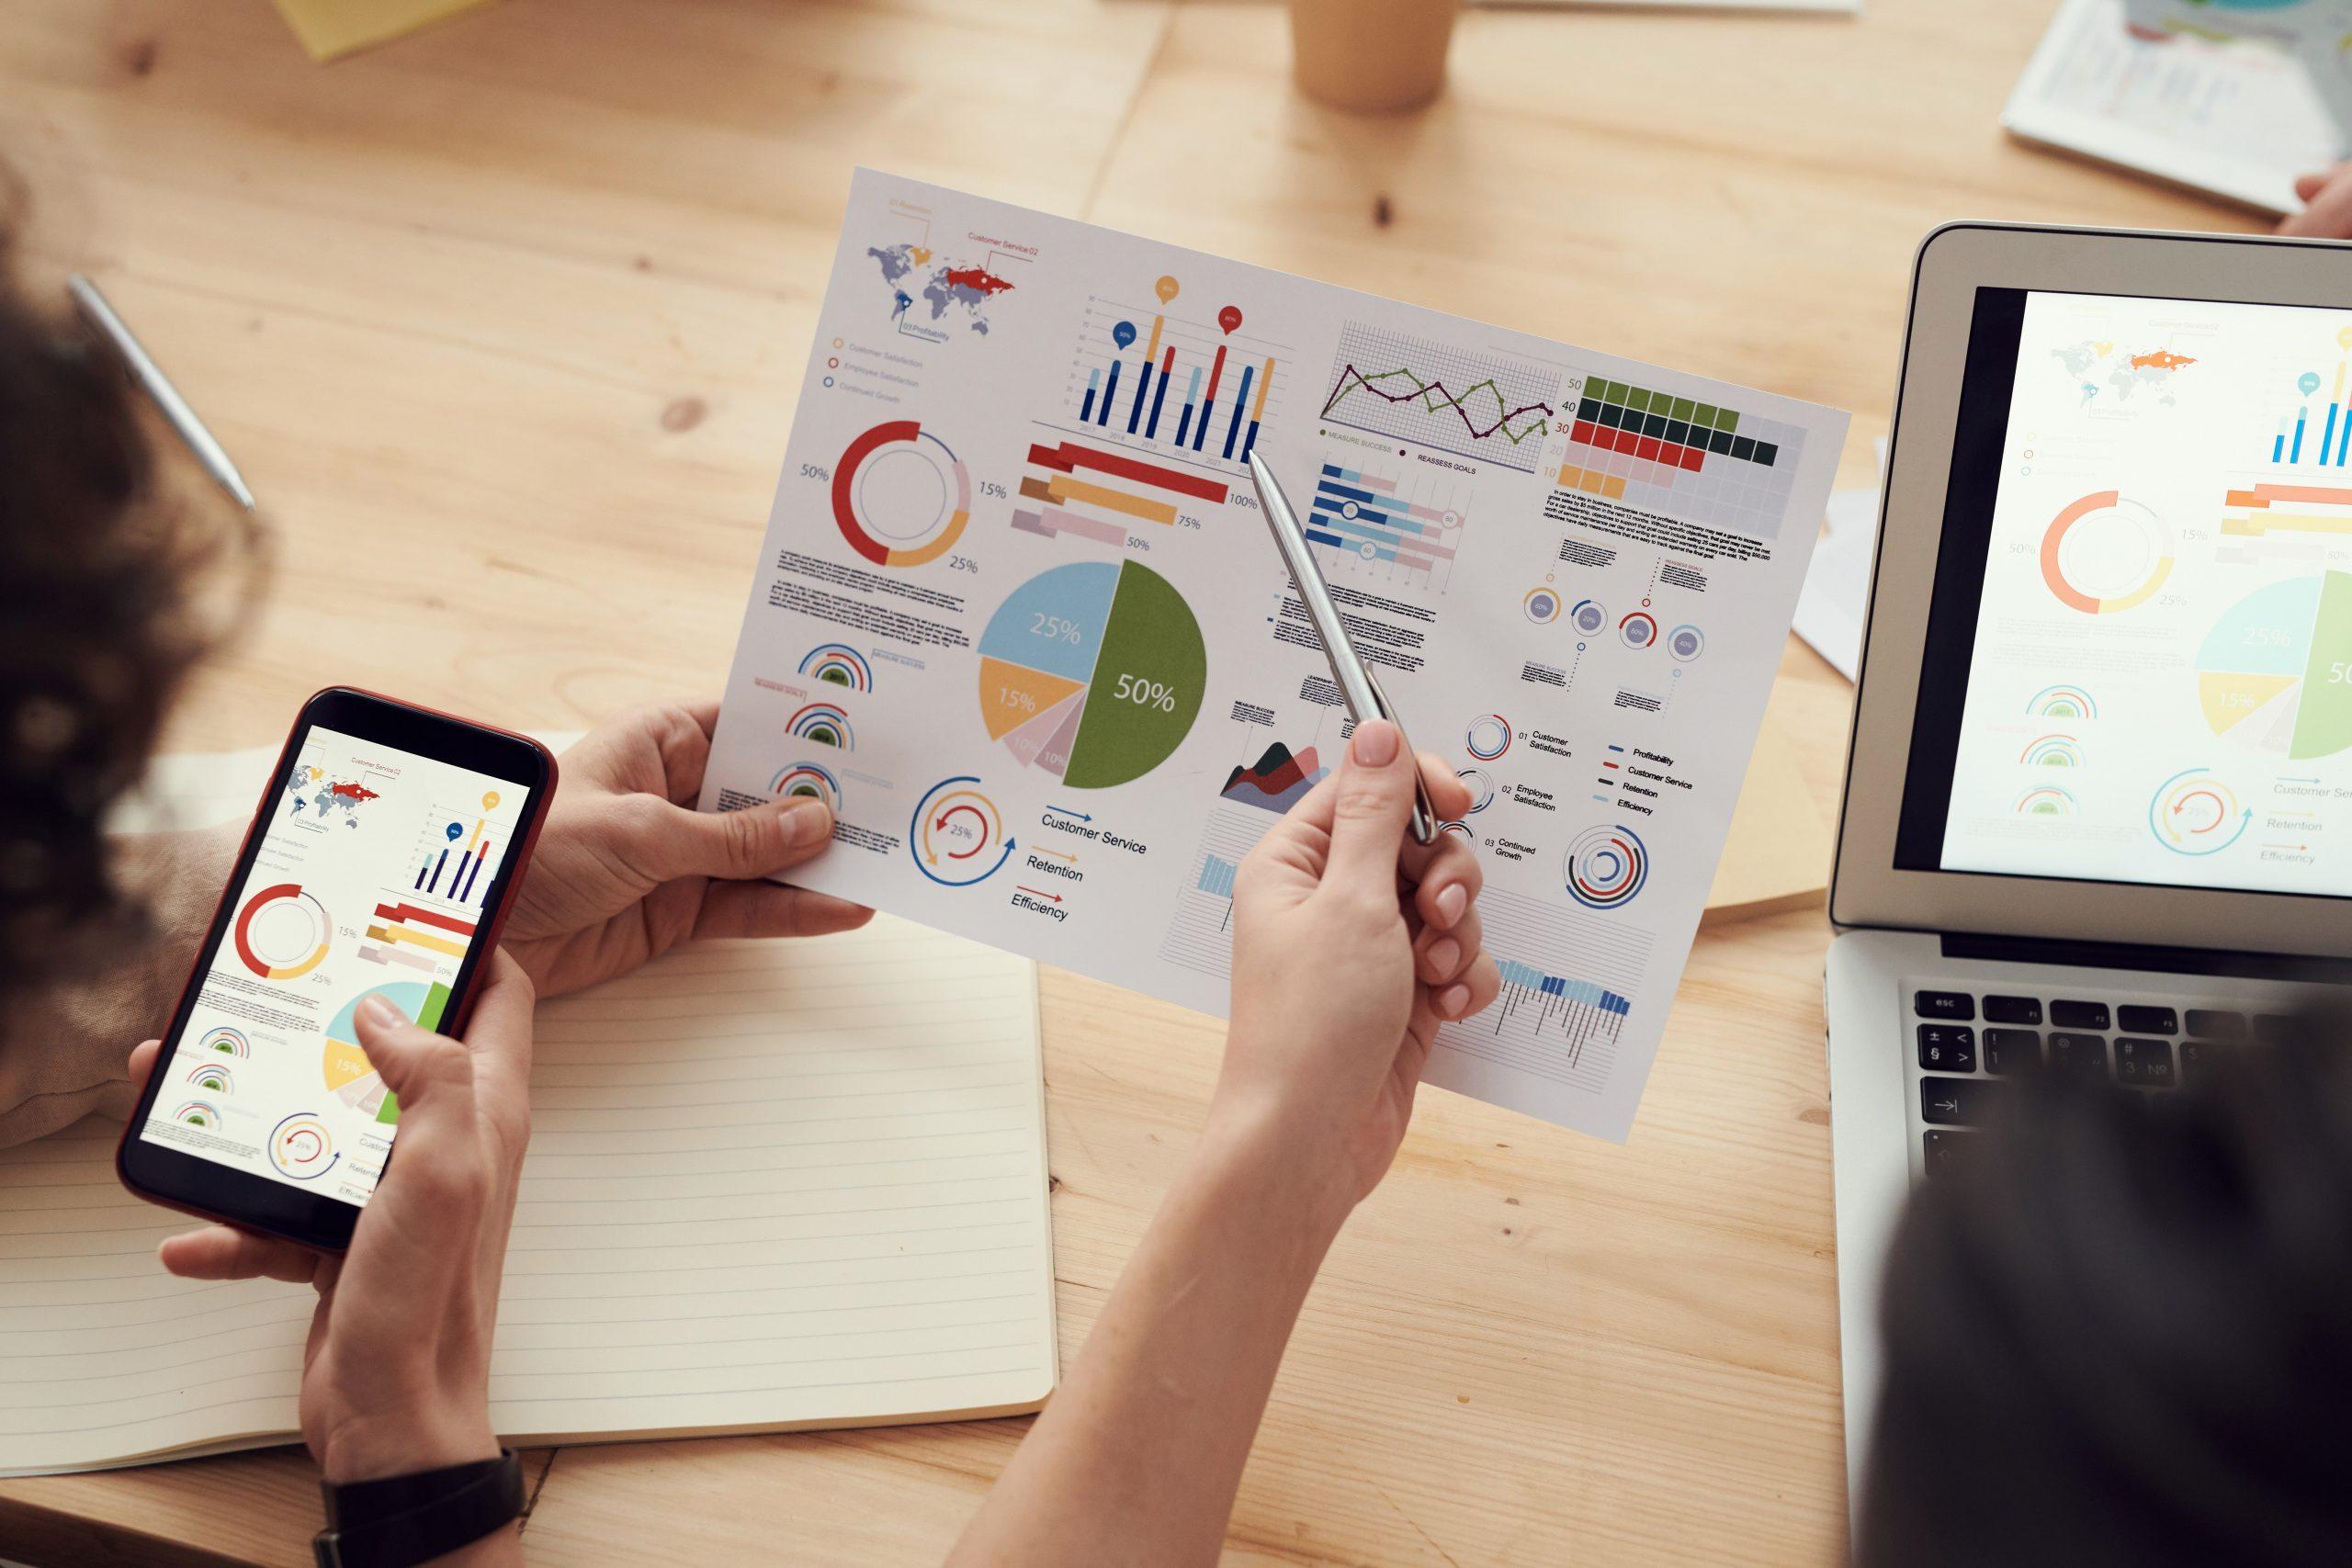 Analista de dados estudando pesquisas para traças estratégias